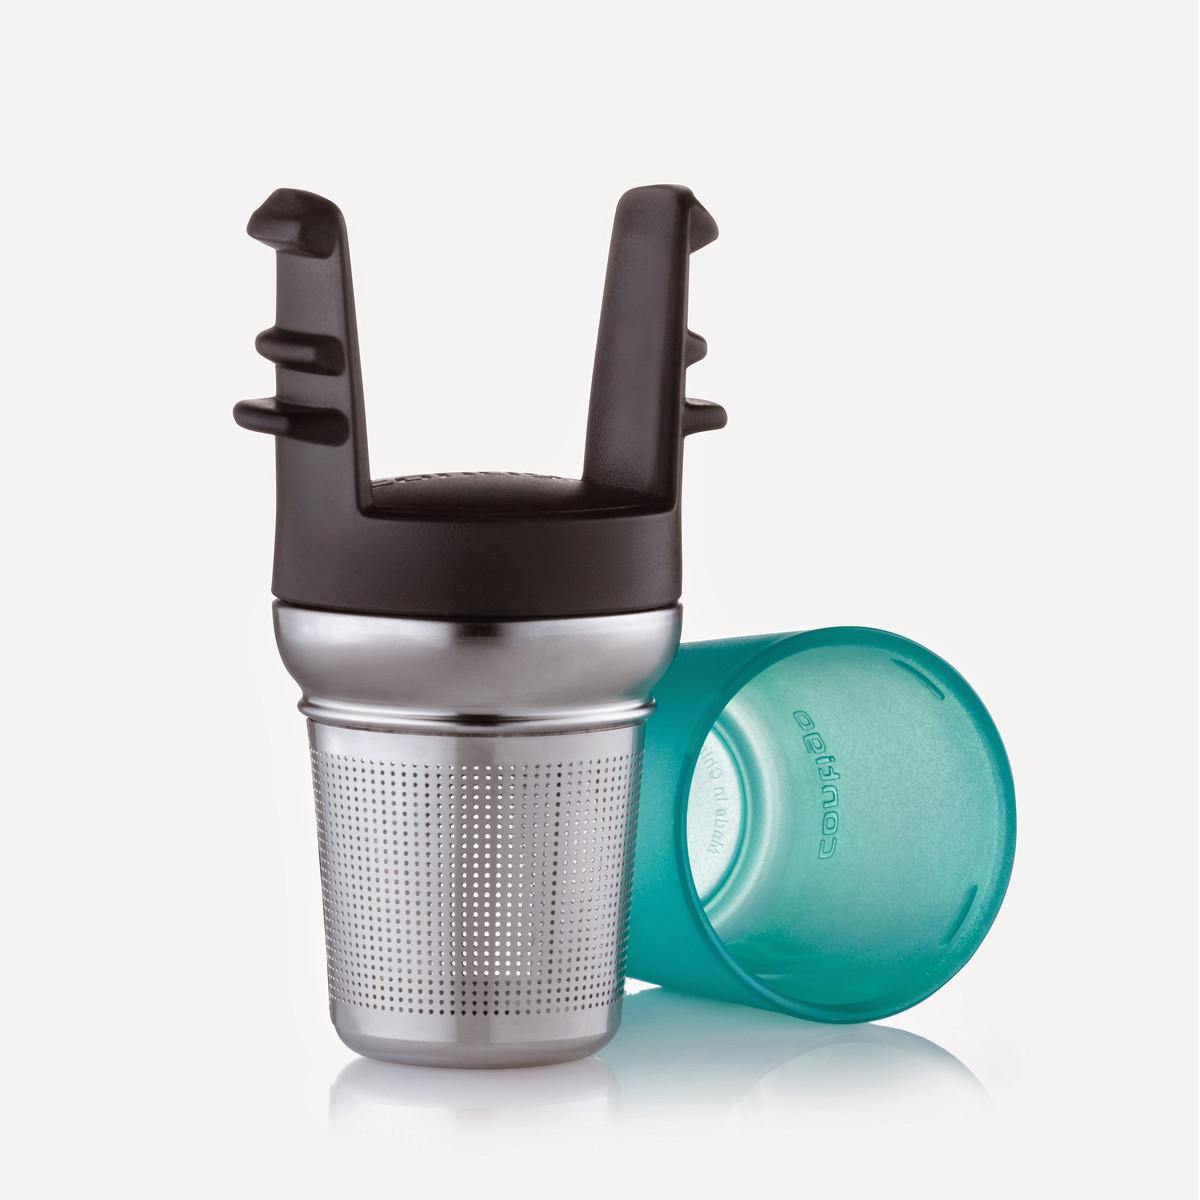 Ситечко для заваривания чая для кружек серии WEST LOOP contigo0092contigo0092